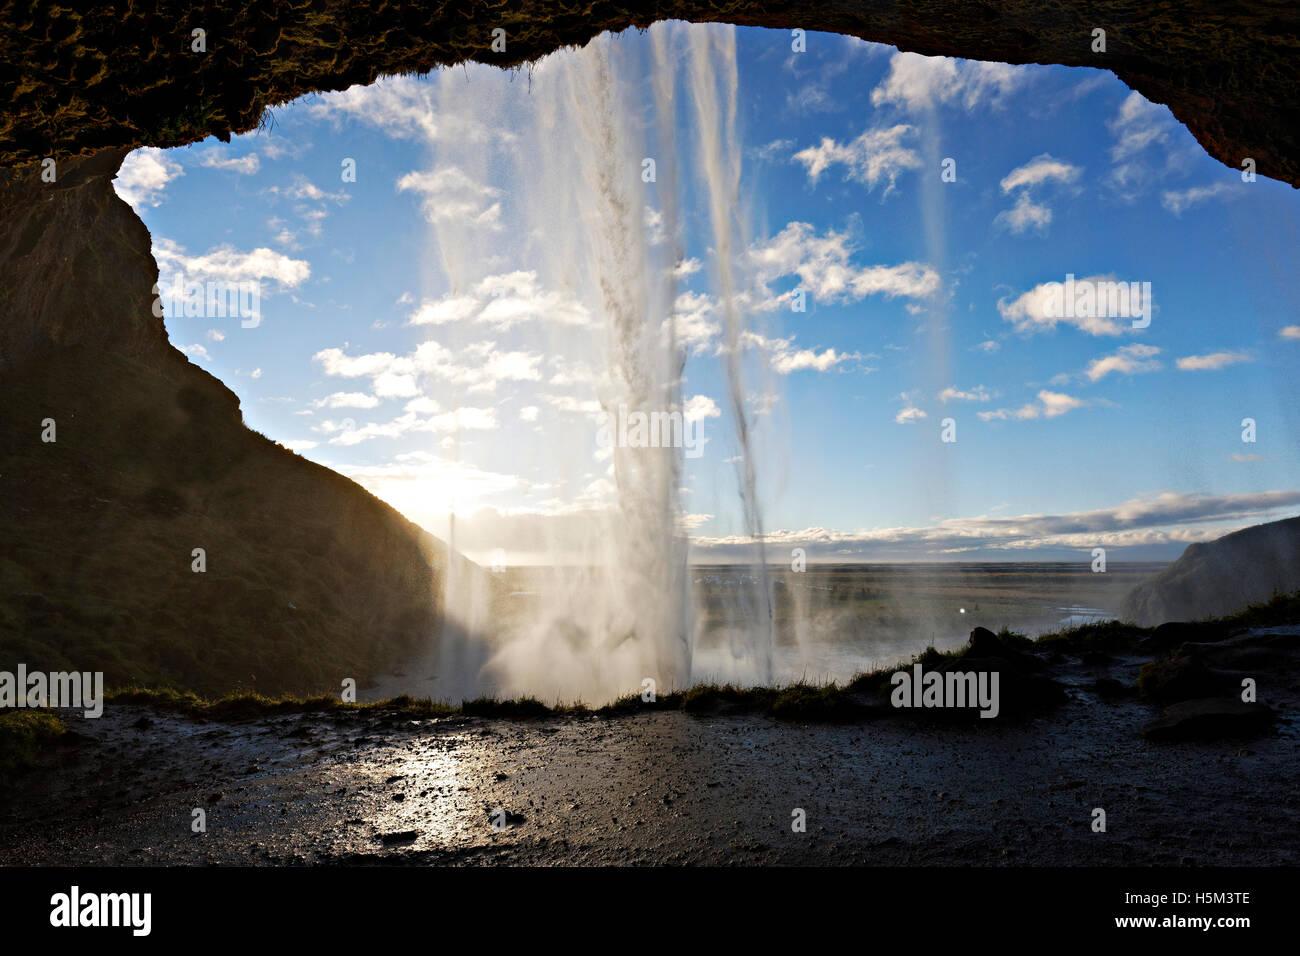 Cascade de Seljalandsfoss, Sud de l'Islande, de l'Atlantique Nord, Europe Photo Stock